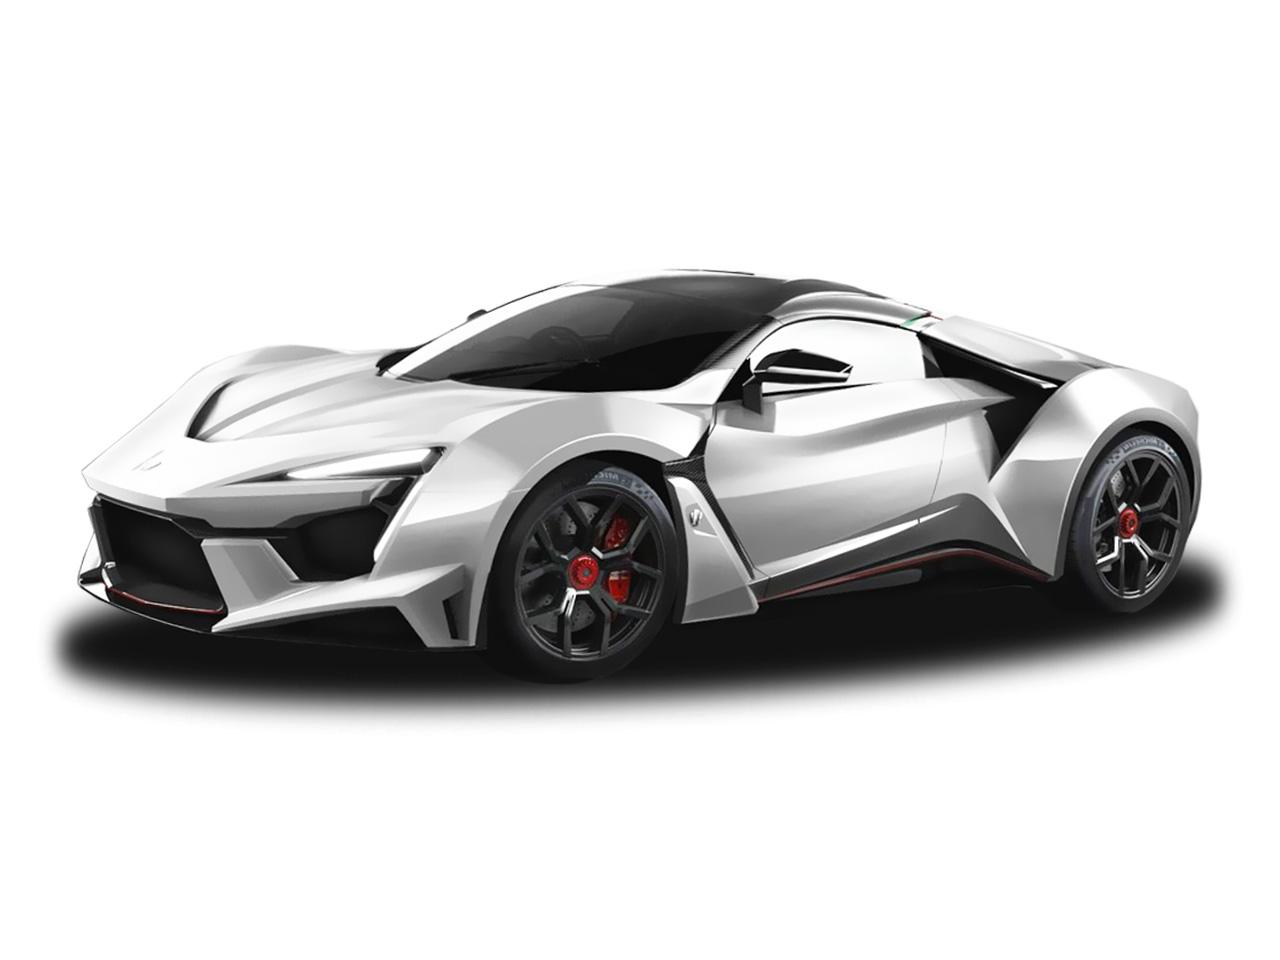 w motors fenyr supersport price in uae new w motors